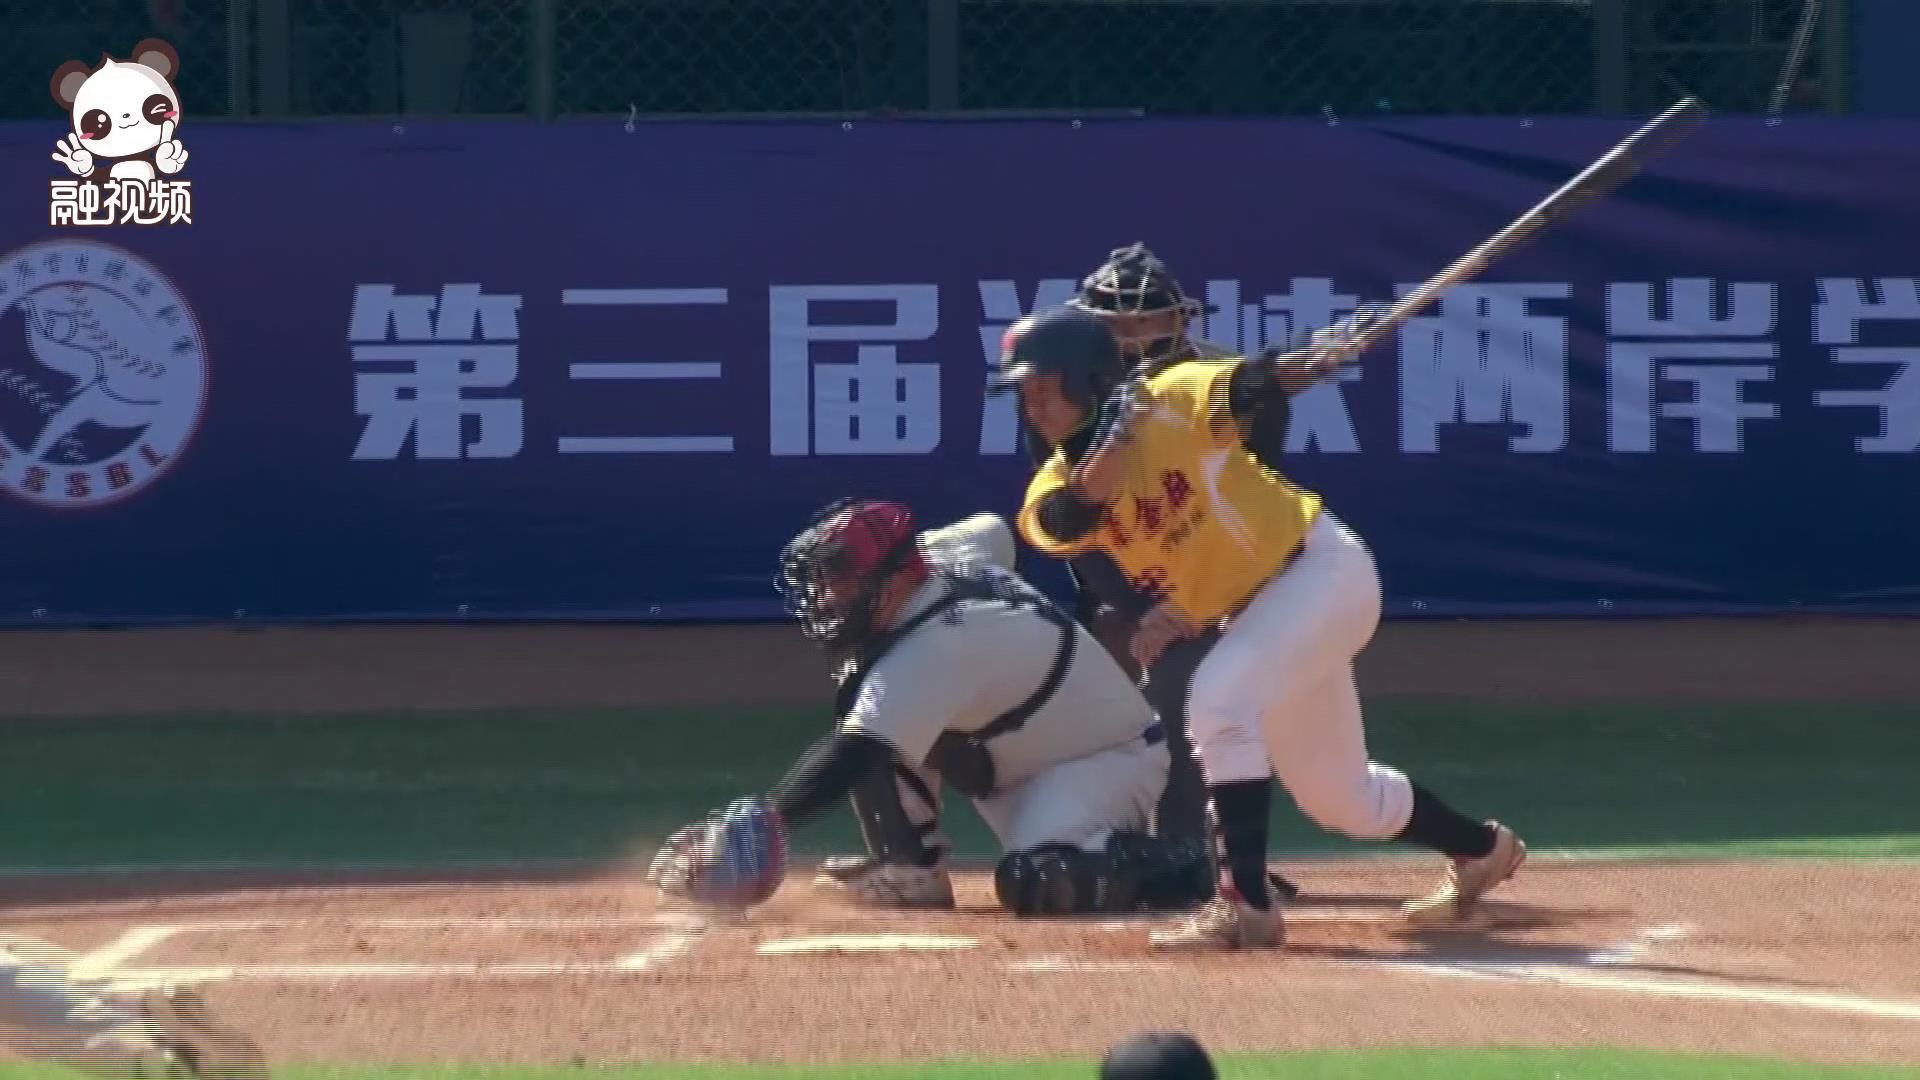 海峡两岸学生棒球联赛精彩瞬间集锦图片